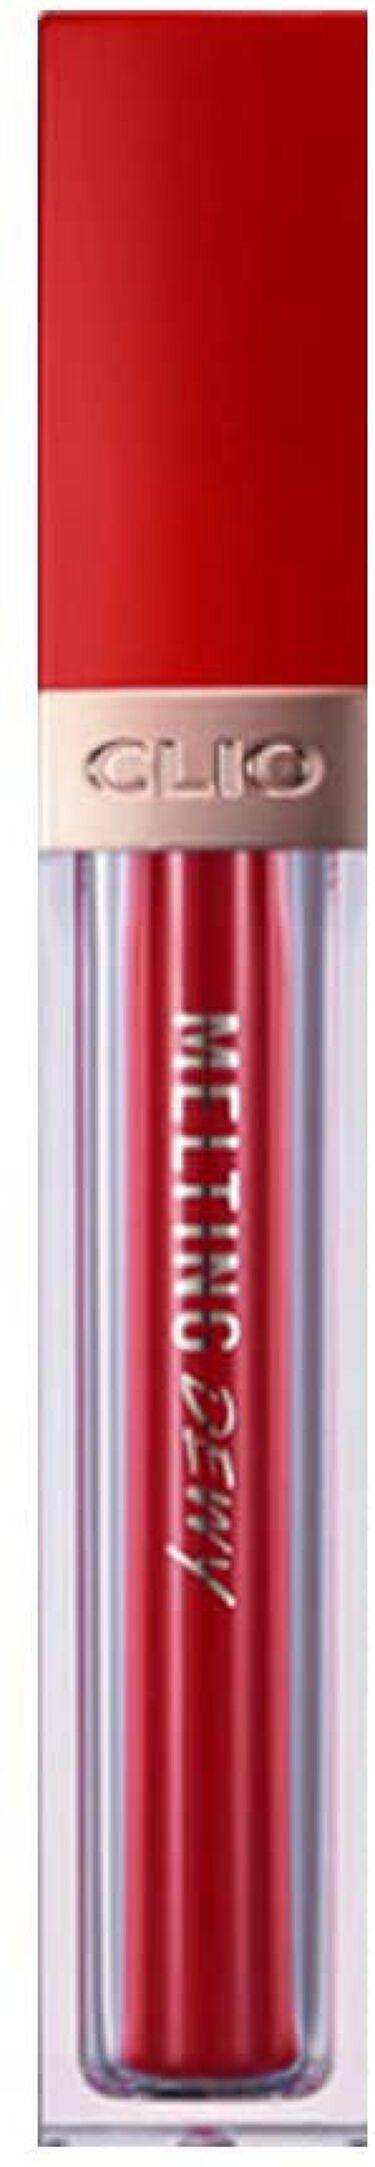 メルティングデューイティント #04 Red Martini